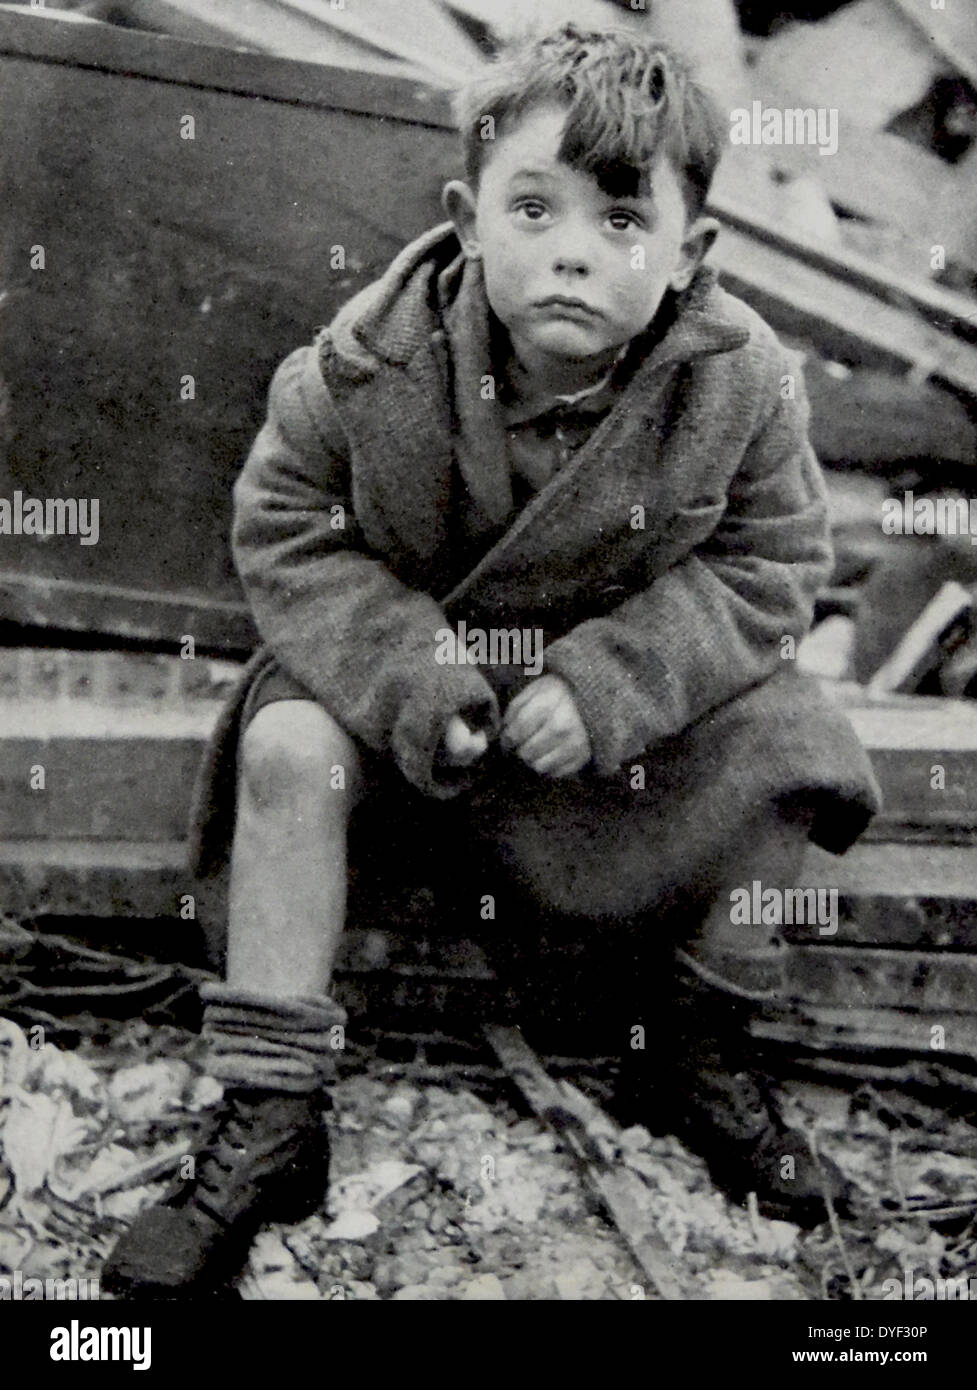 Ein verwaistes Kind sucht nach Überlebenden der Blitz auf London entsetzt, von deutschen V2-Raketen 1944 Stockfoto